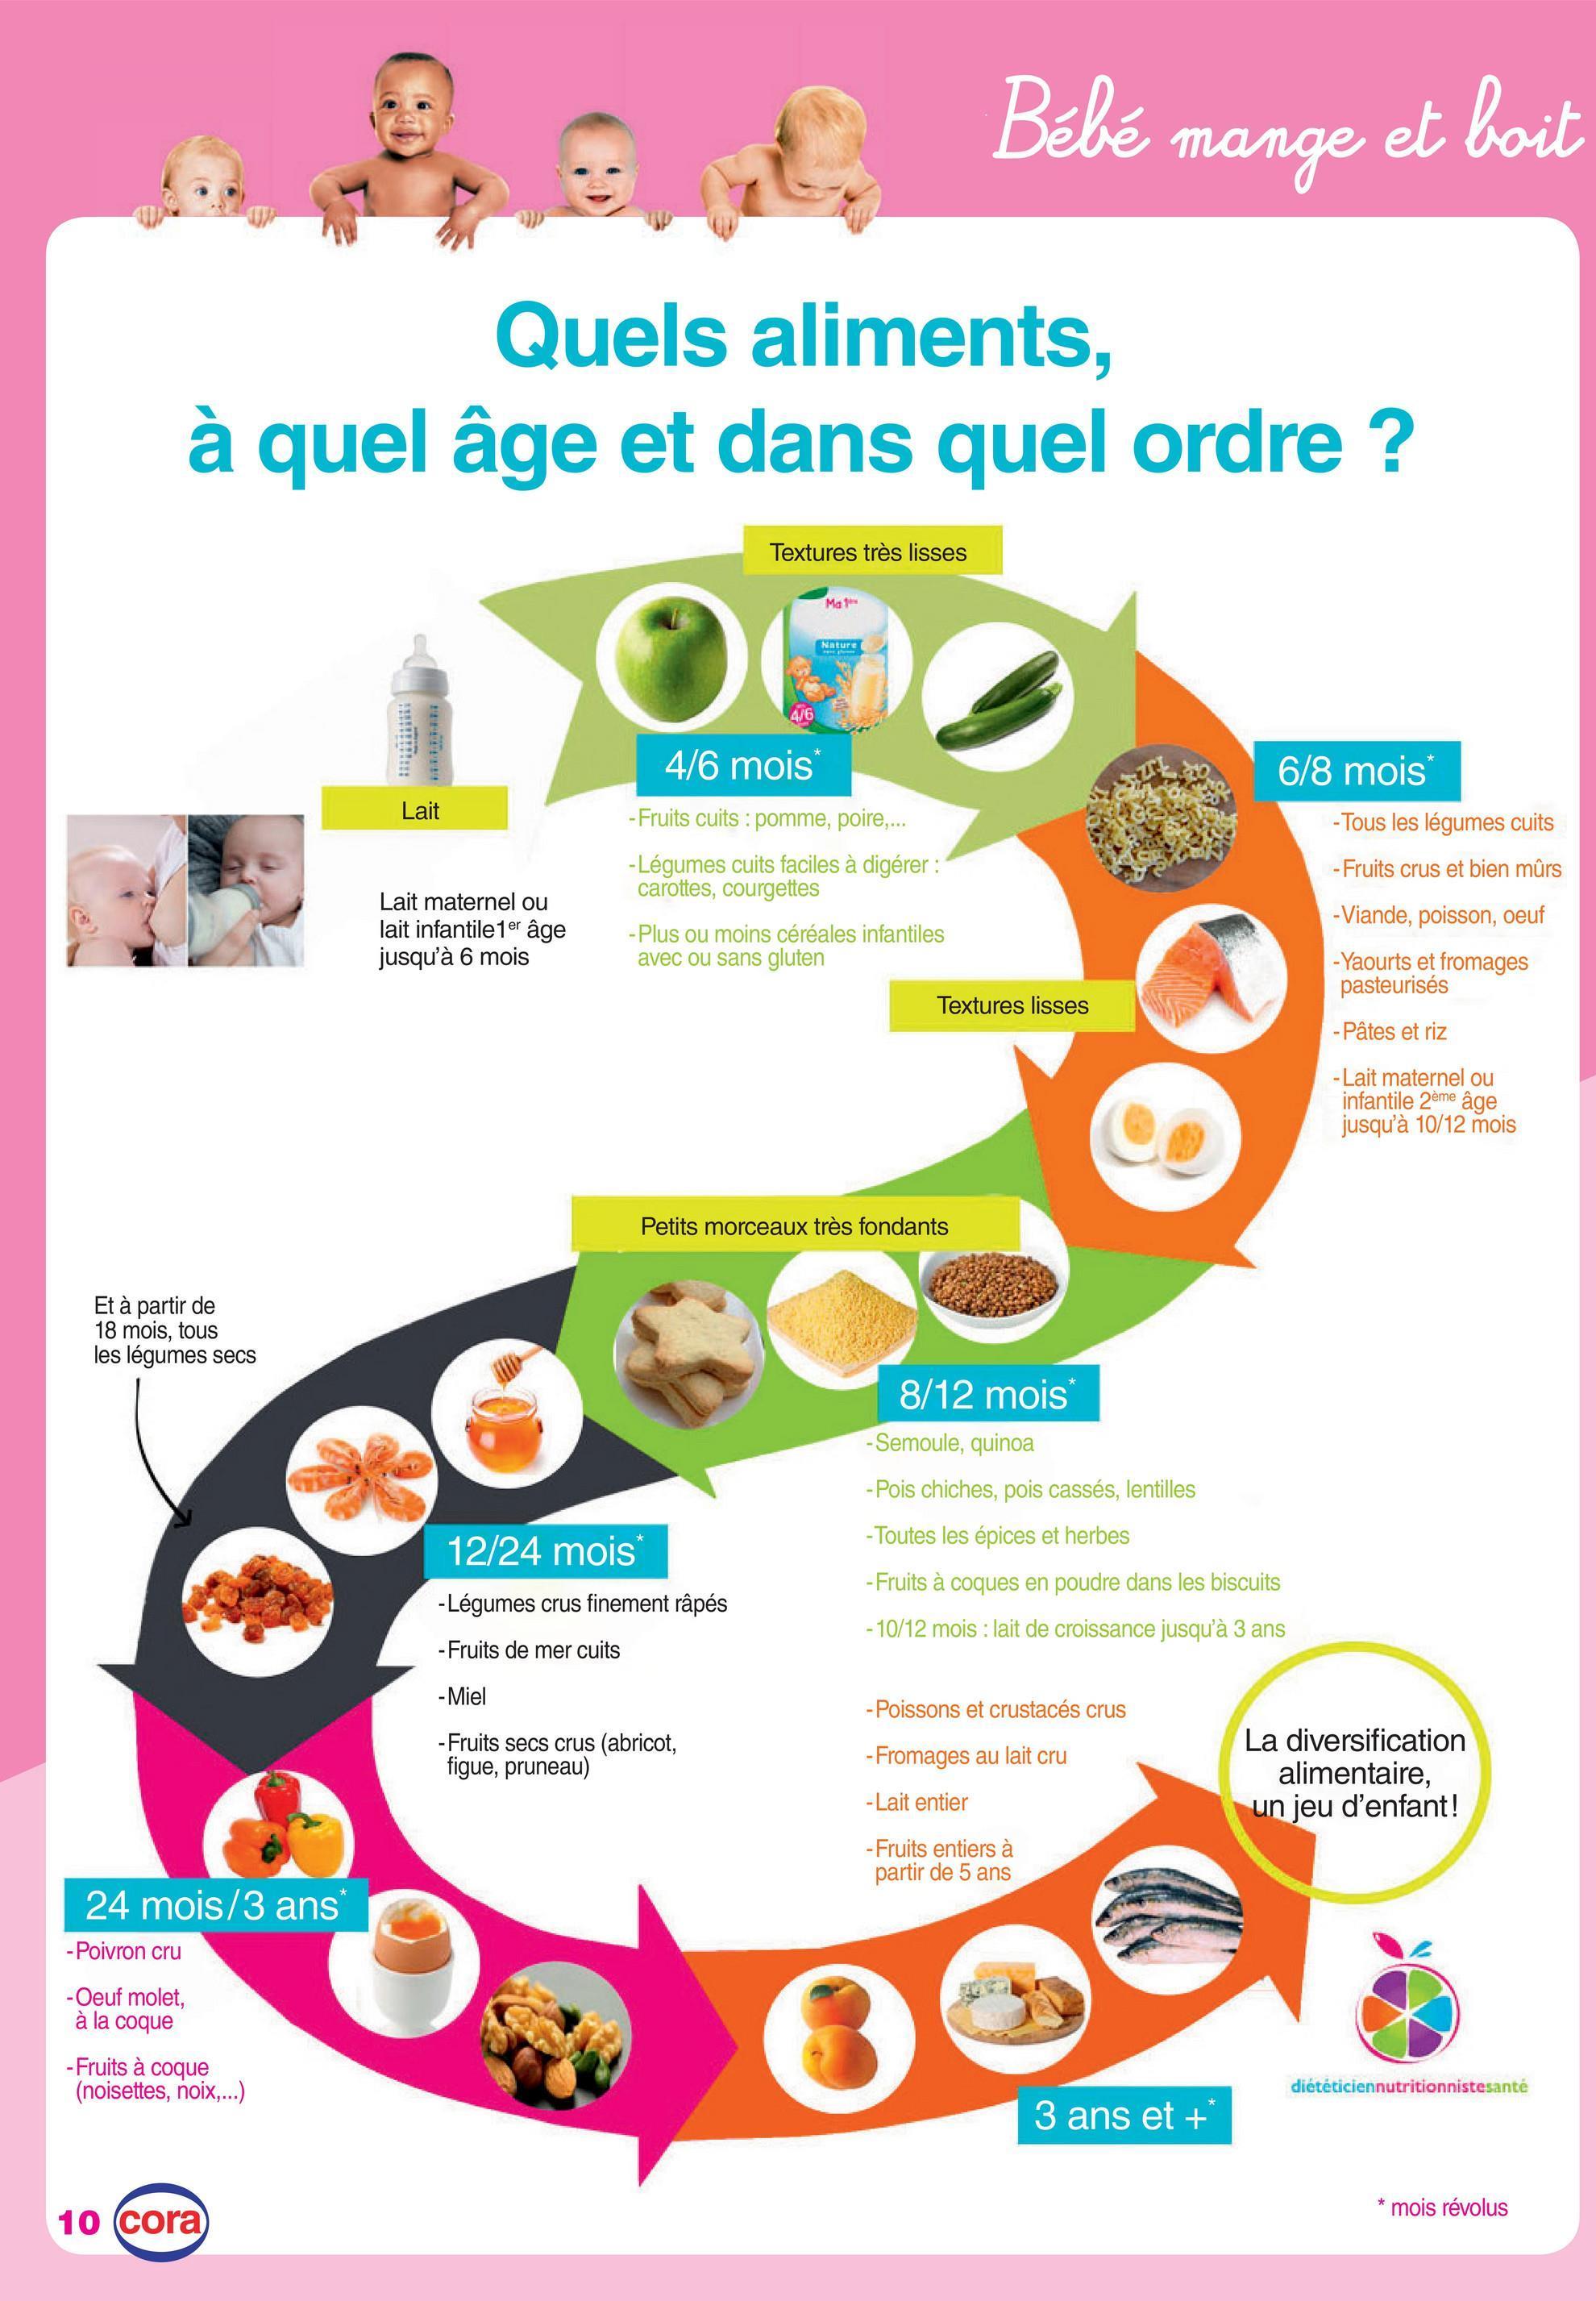 Bébé mange et boit Quels aliments, à quel âge et dans quel ordre? Textures très lisses Ma1 Nature 4/6 mois 6/8 mois Lait - Fruits cuits : pomme, poire,... -Légumes cuits faciles à digérer carottes, courgettes - Tous les légumes cuits - Fruits crus et bien mûrs - Viande, poisson, oeuf Lait maternel ou lait infantile1er âge jusqu'à 6 mois -Plus ou moins céréales infantiles avec ou sans gluten -Yaourts et fromages pasteurisés Textures lisses - Pâtes et riz -Lait maternel ou infantile 2ème âge jusqu'à 10/12 mois Petits morceaux très fondants Et à partir de 18 mois, tous les légumes secs 8/12 mois -Semoule, quinoa - Pois chiches, pois cassés, lentilles - Toutes les épices et herbes - Fruits à coques en poudre dans les biscuits - 10/12 mois : lait de croissance jusqu'à 3 ans 12/24 mois -Légumes crus finement râpés -Fruits de mer cuits - Miel - Fruits secs crus (abricot, figue, pruneau) - Poissons et crustacés crus - Fromages au lait cru La diversification alimentaire, un jeu d'enfant! -Lait entier - Fruits entiers à partir de 5 ans 24 mois/3 ans - Poivron cru -Oeuf molet, à la coque - Fruits à coque (noisettes, noix,...) diététiciennutritionnistesante 3 ans et + 10 cora * mois révolus